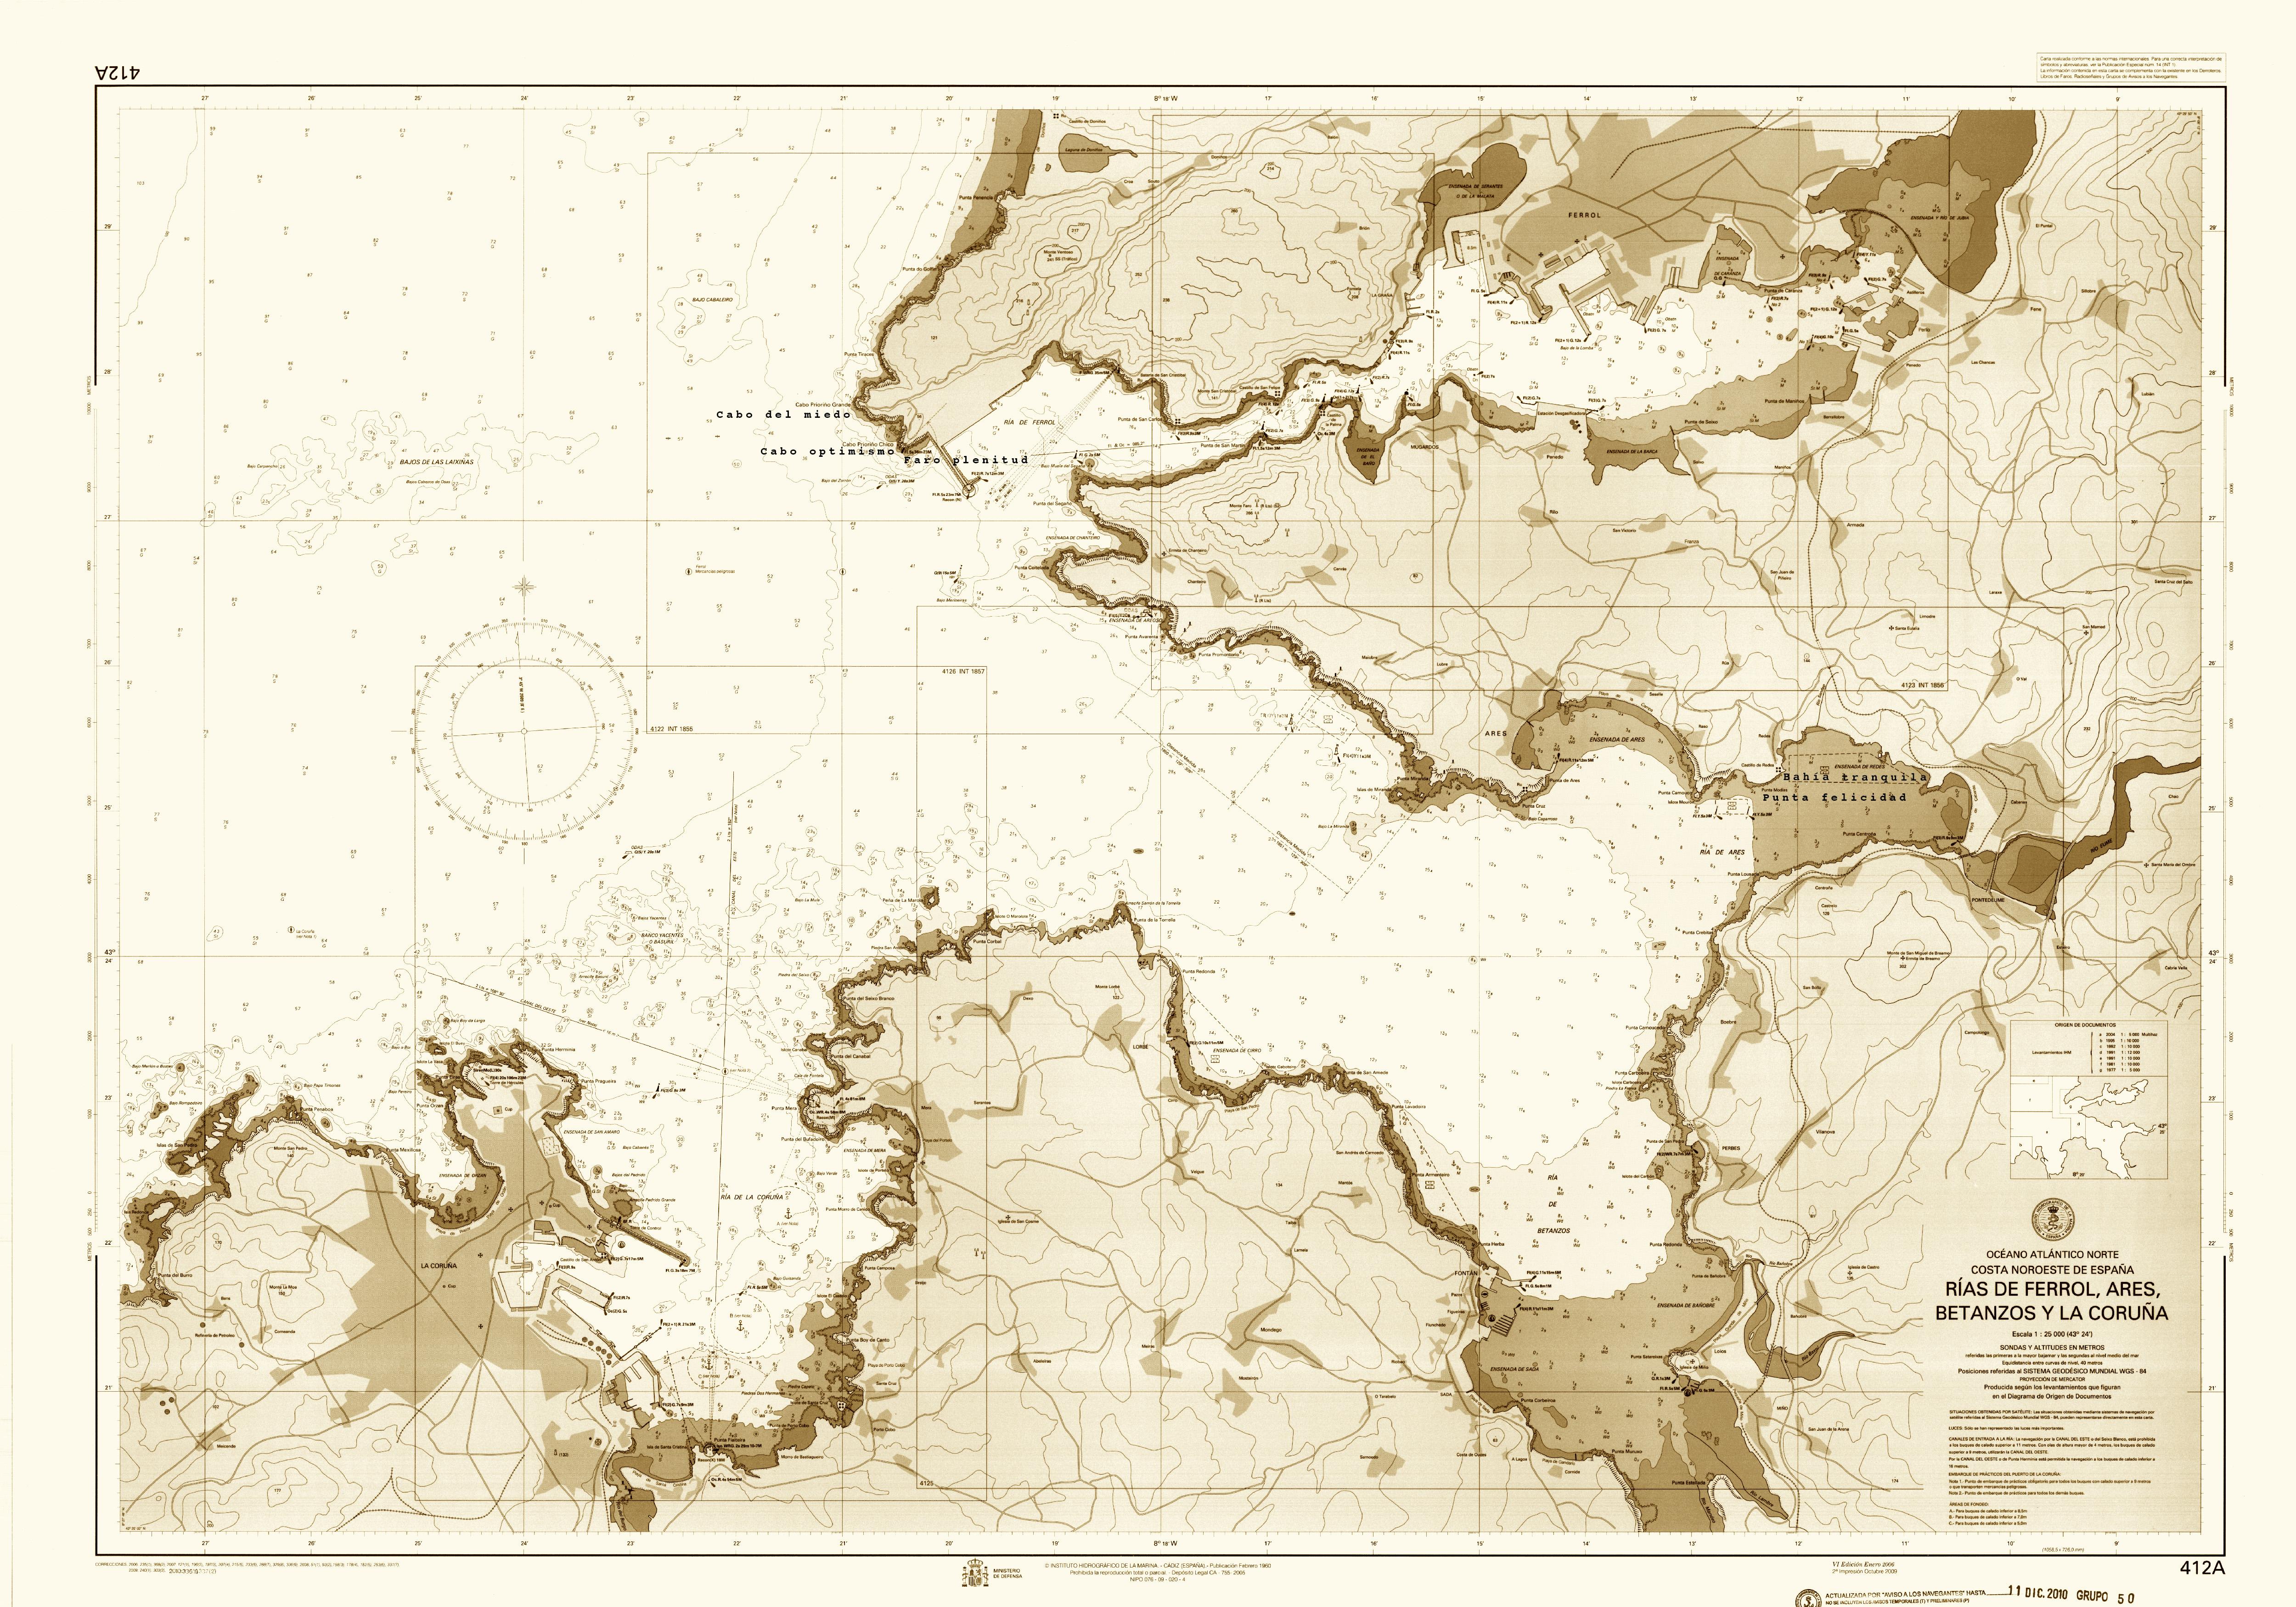 Carta de Navegación Rías de Ferrol, Ares y Betanzos